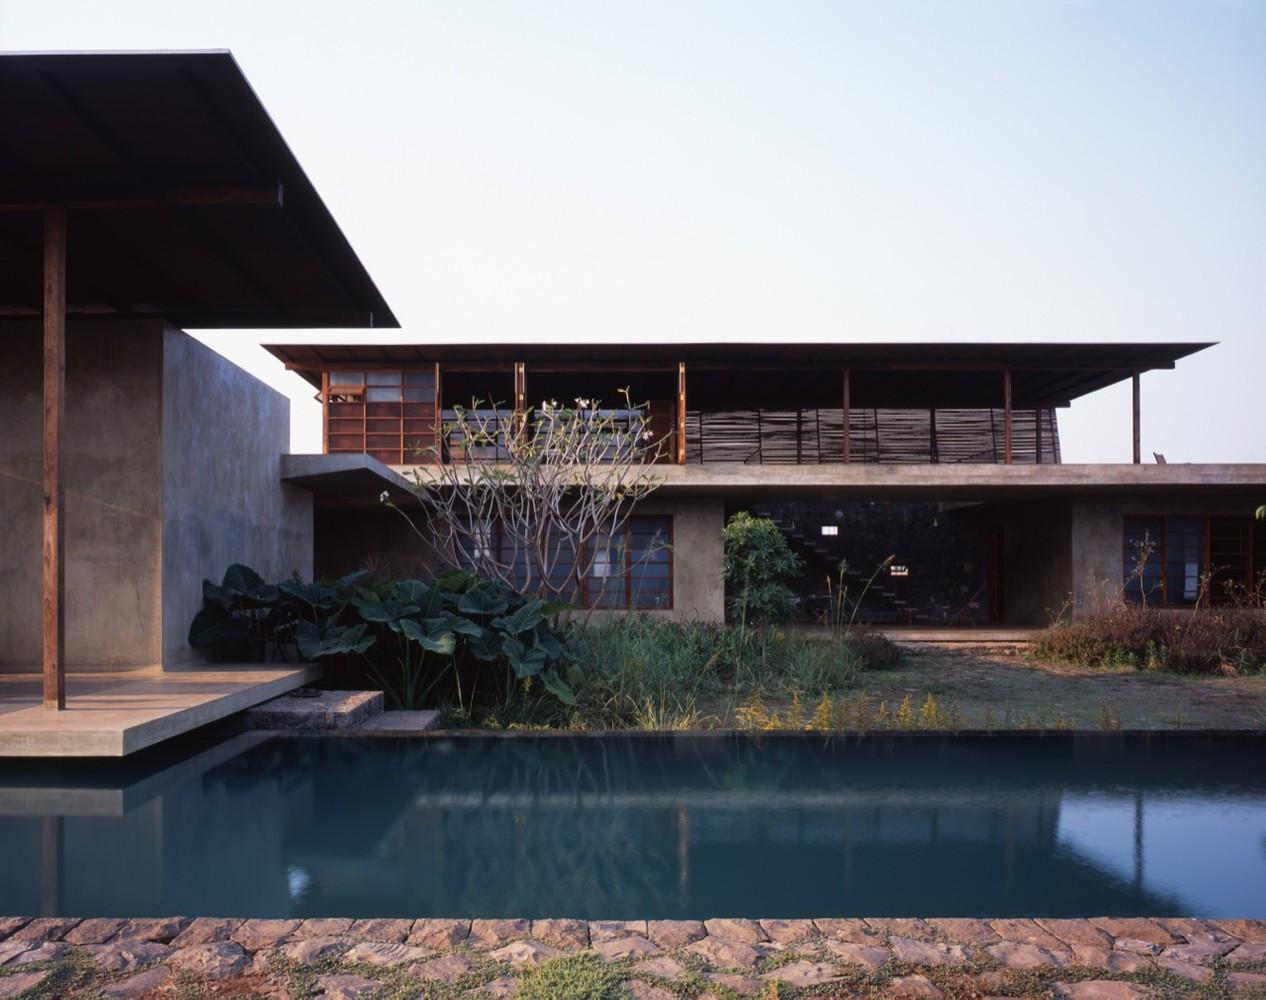 Utsav House